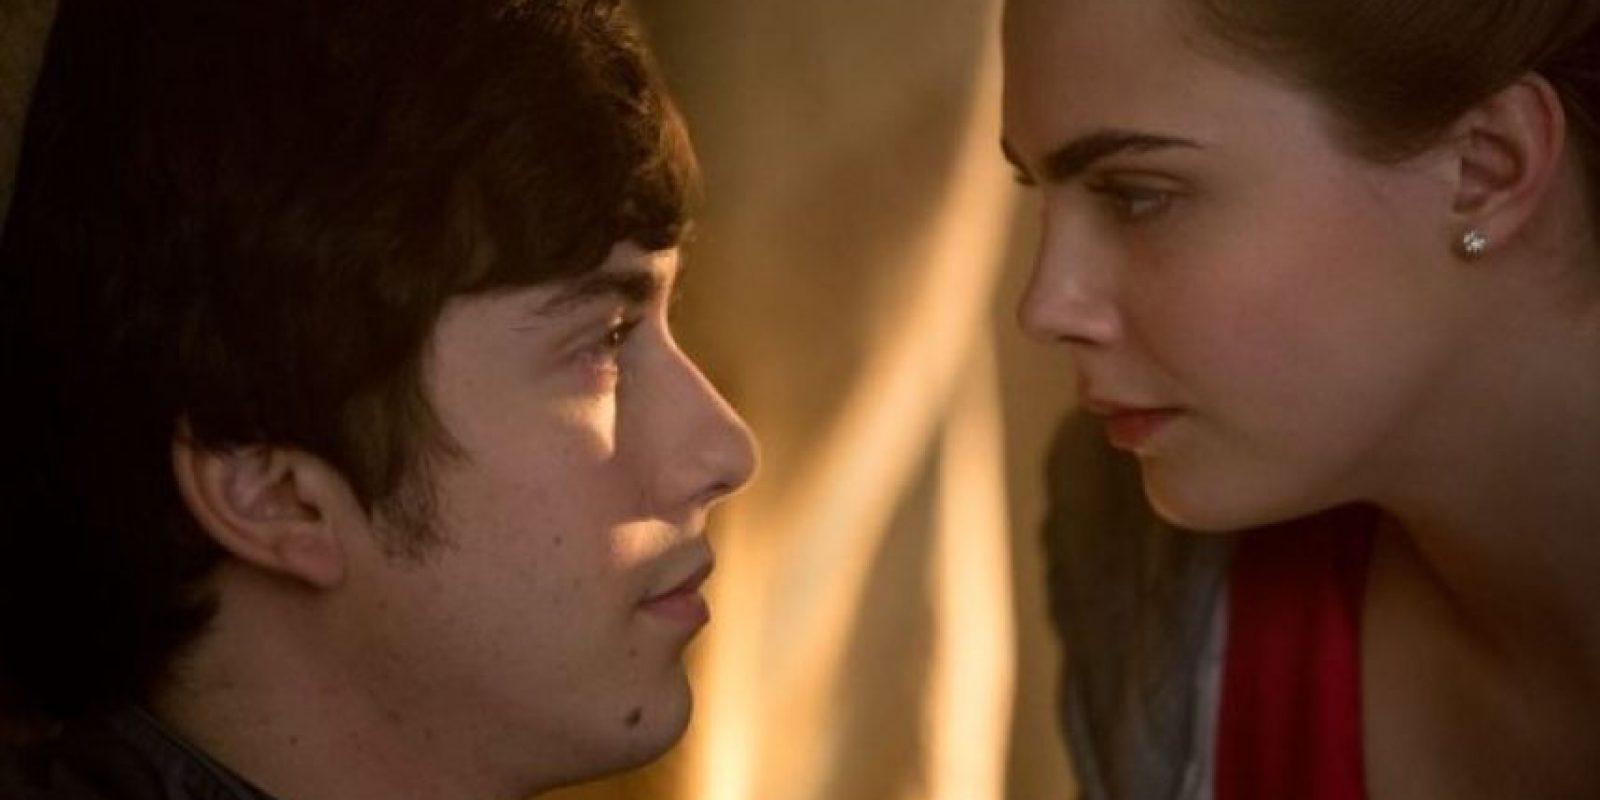 Durante la entrevista, la actriz fue cuestionada por su actitud. Foto:IMDB